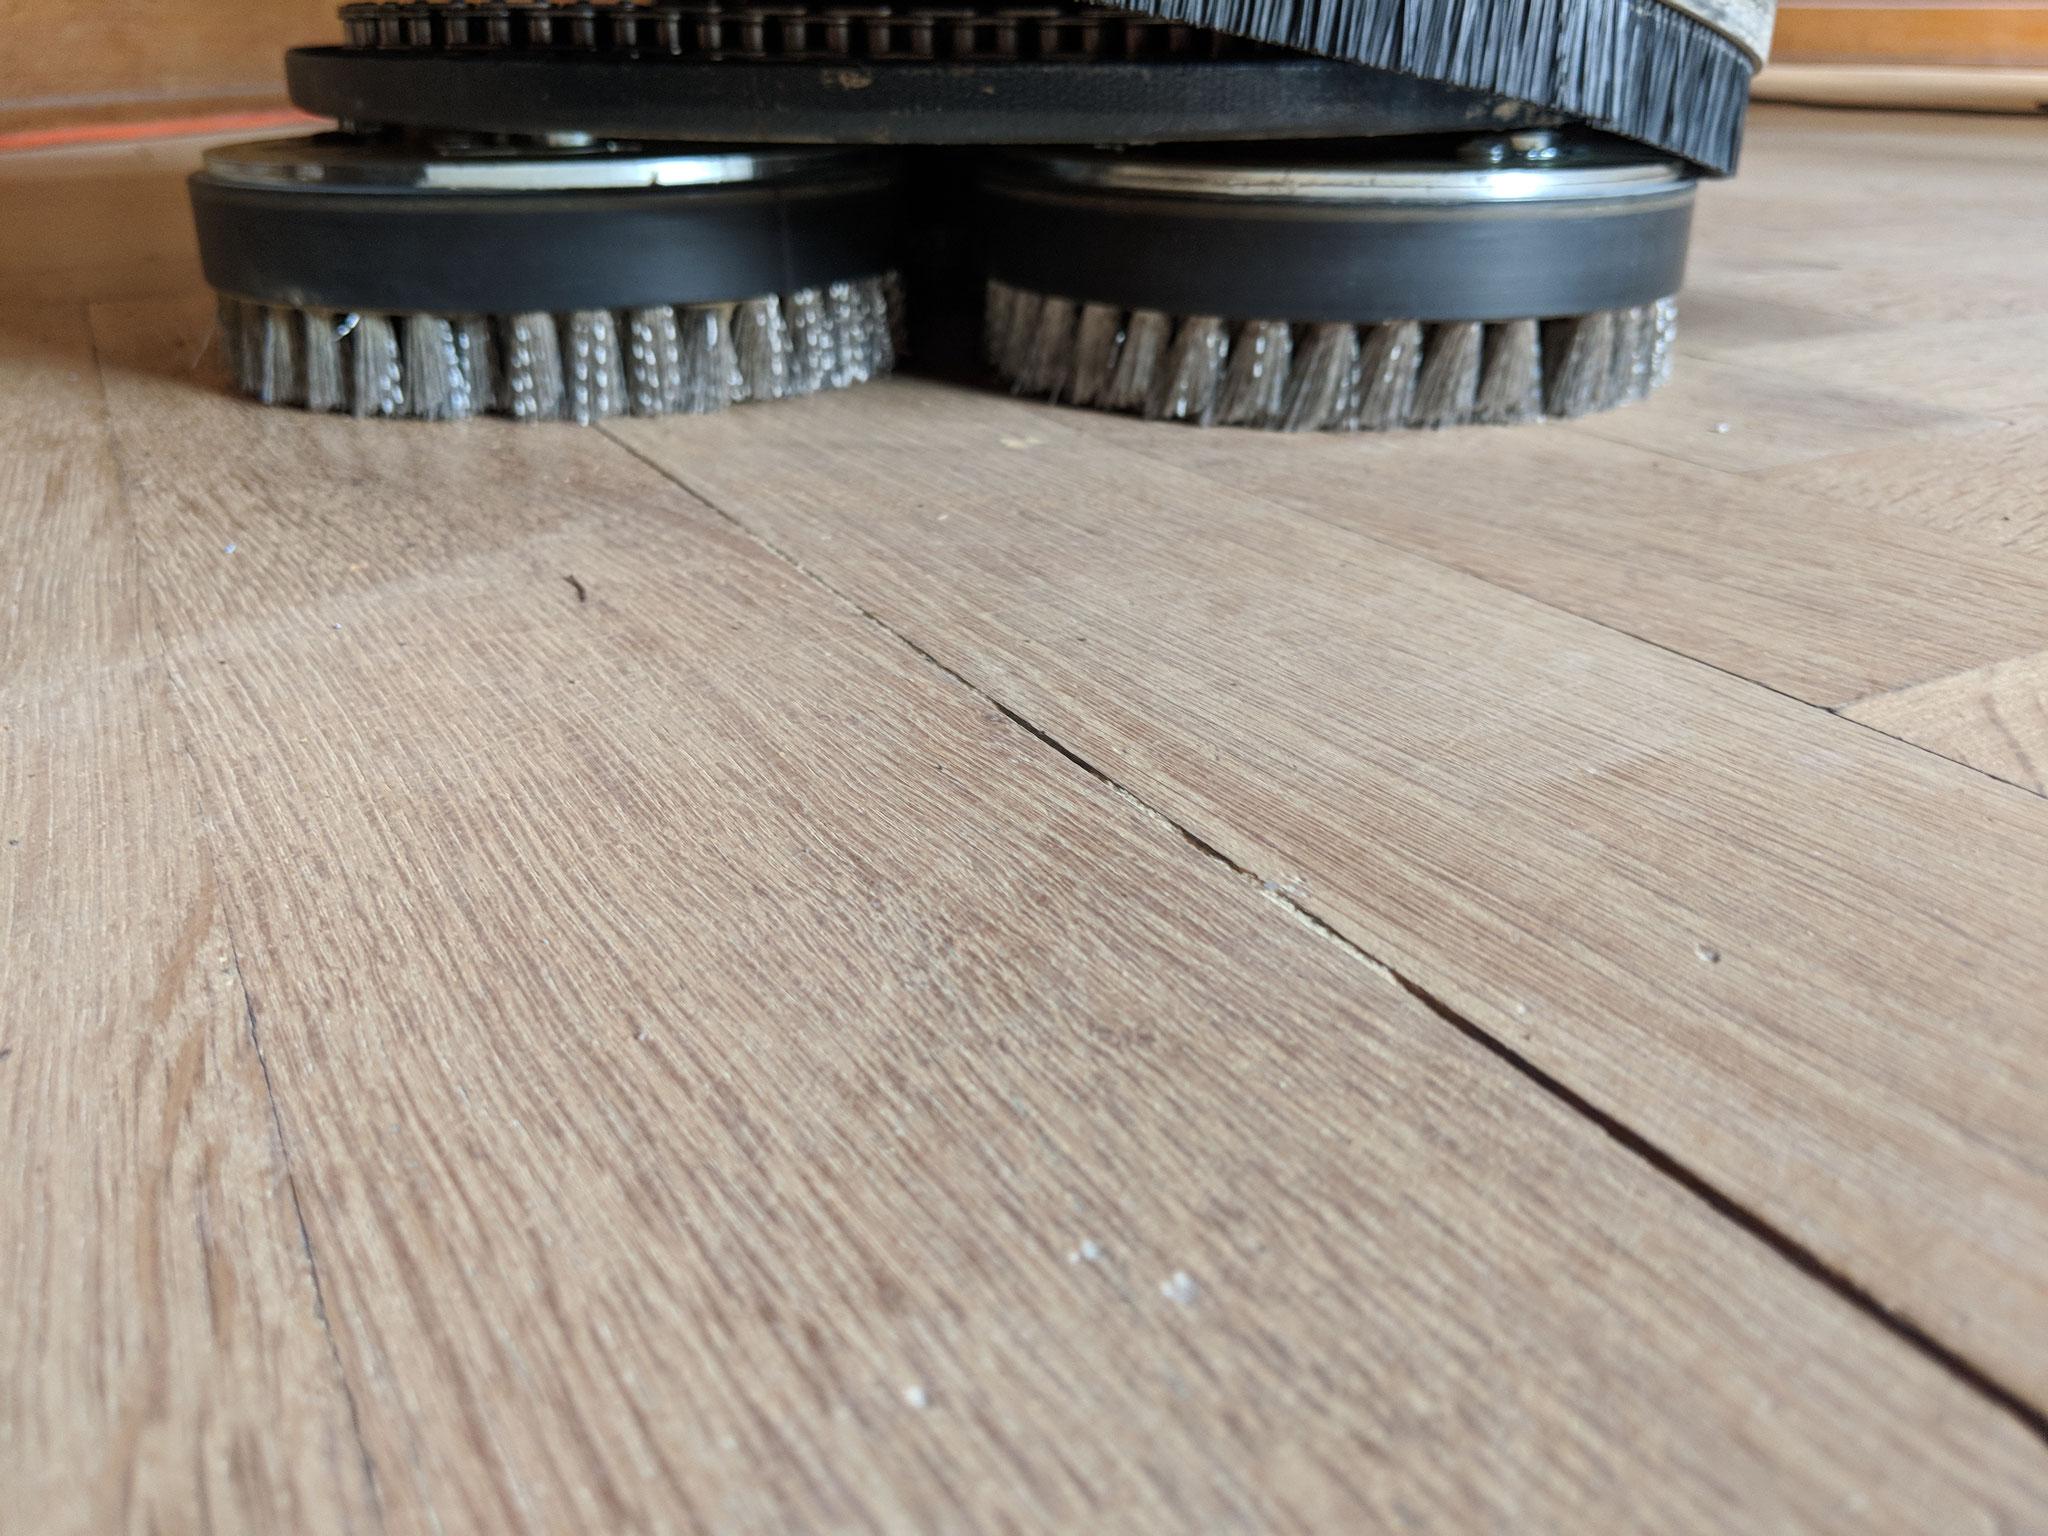 Stahlbürsten bringt die TiefenStruktur